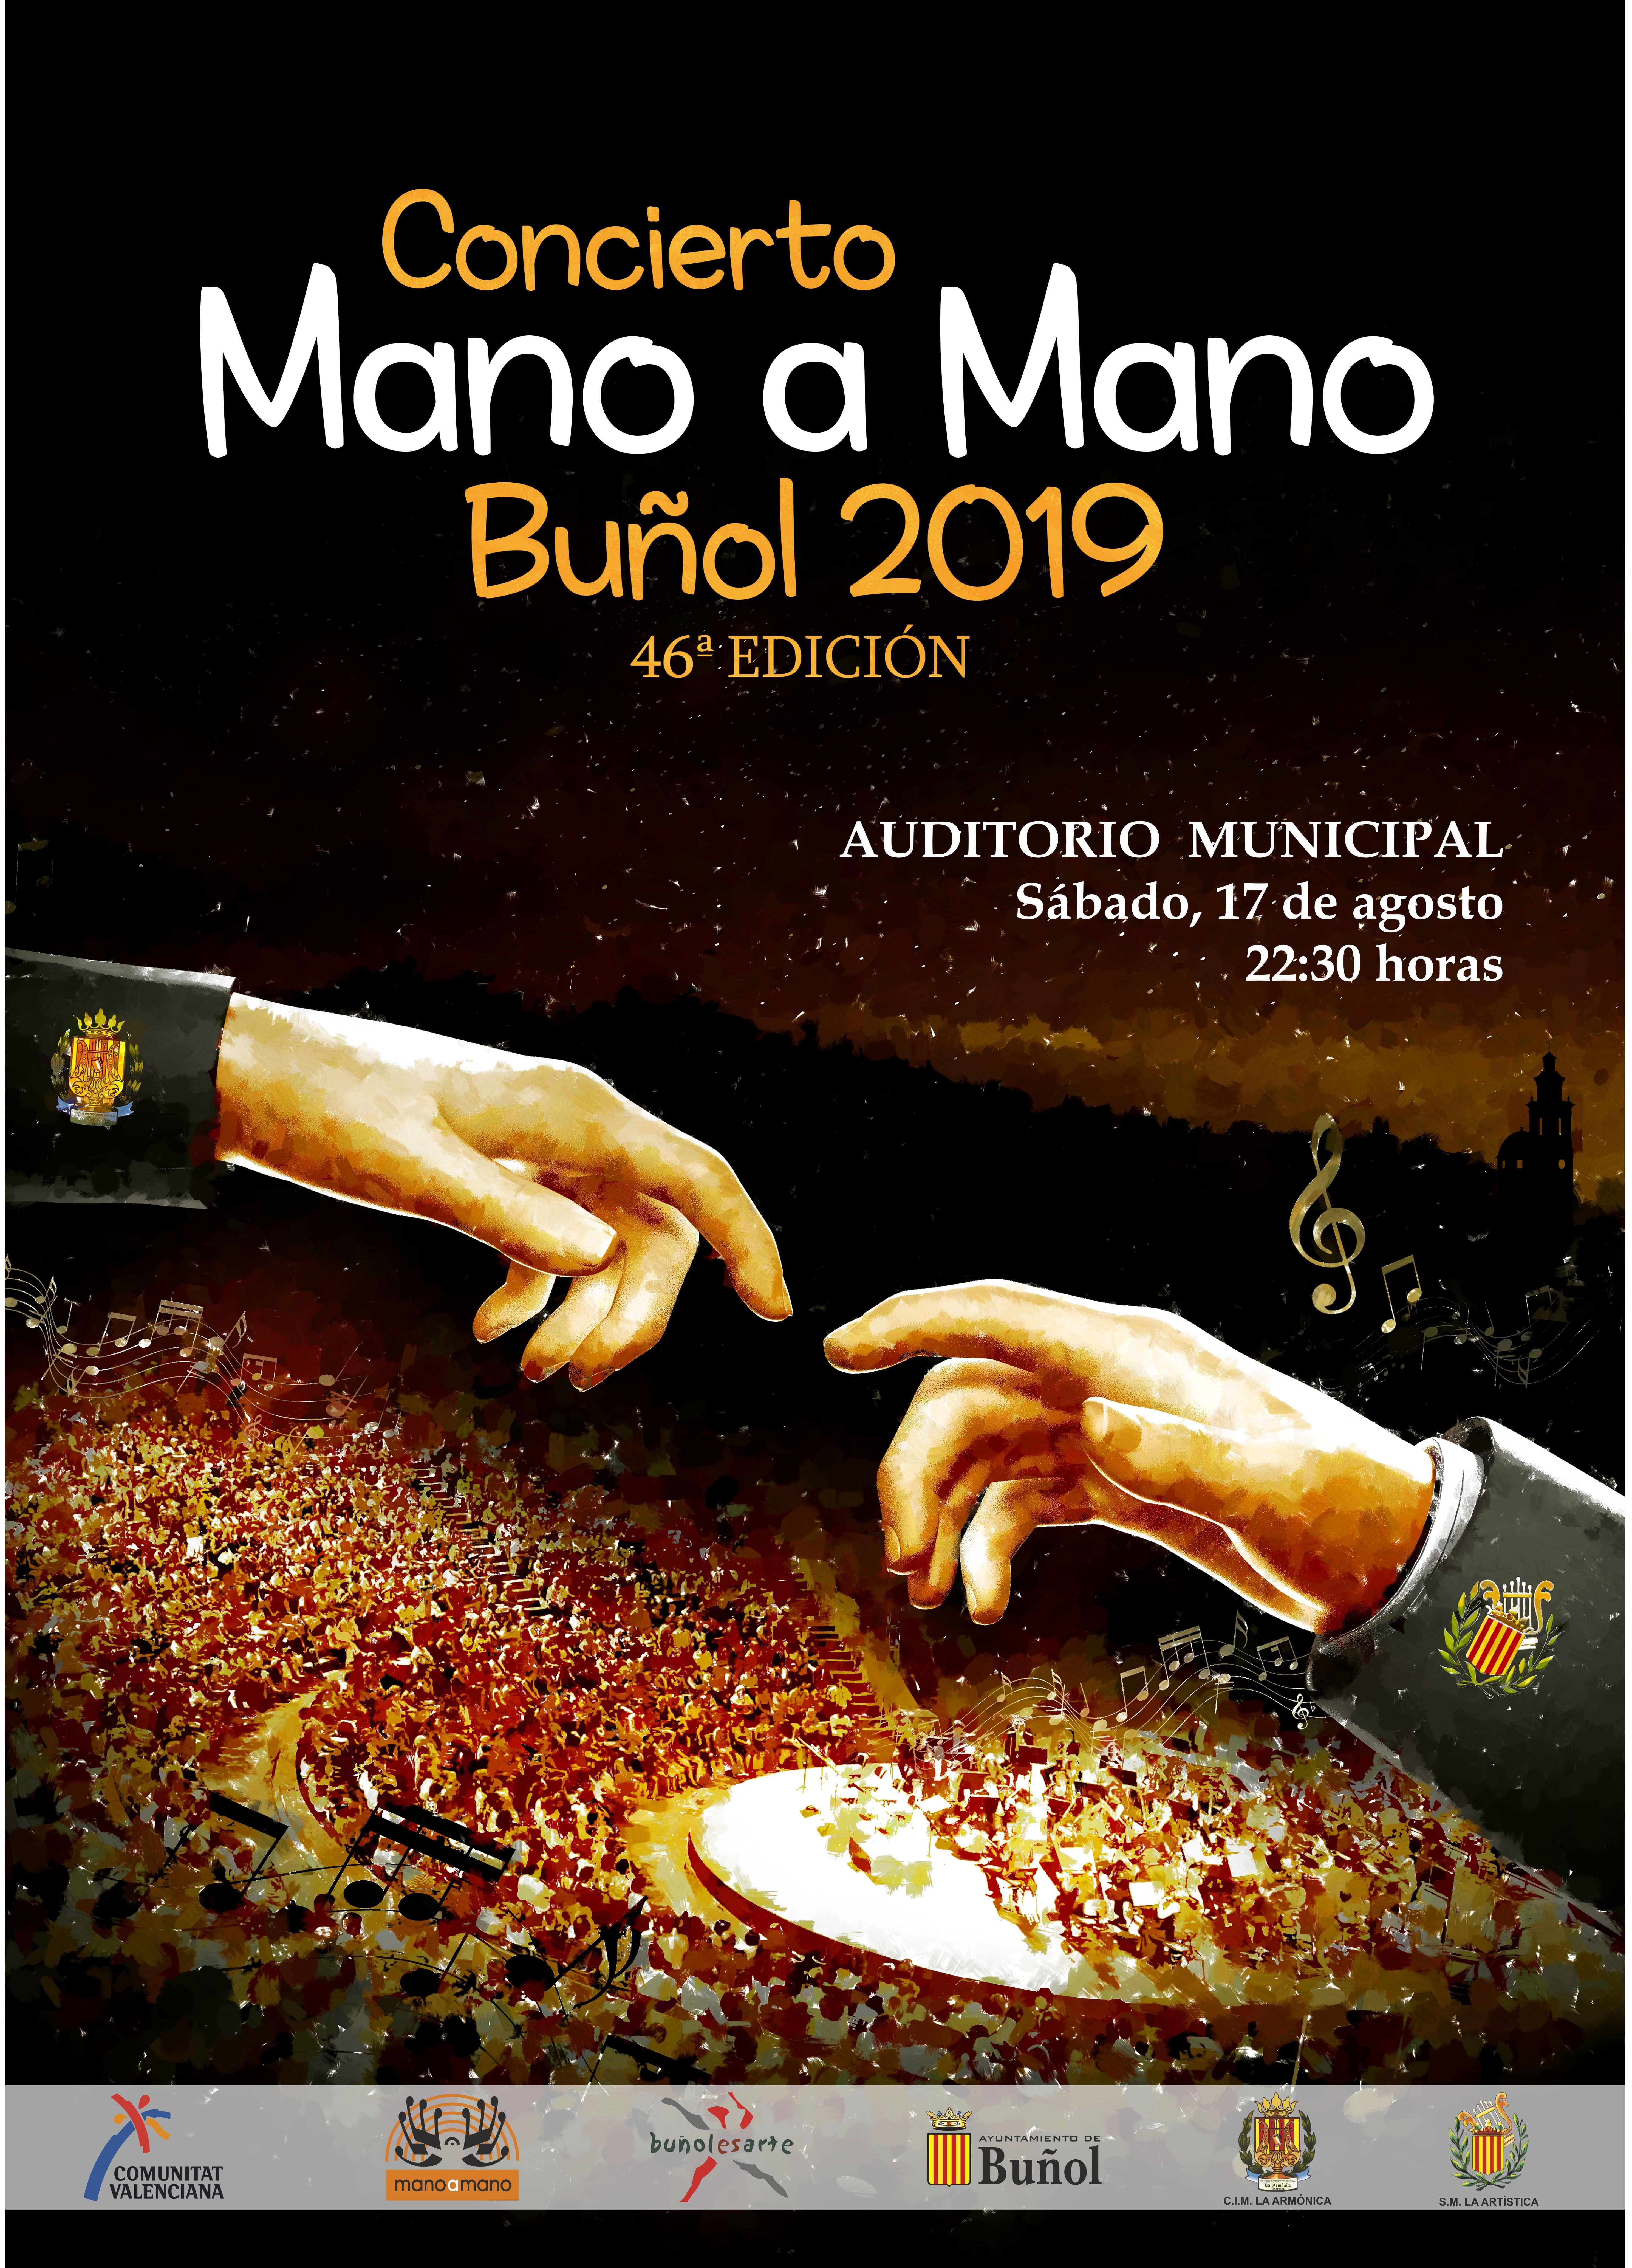 La presentación del concierto tendrá lugar este miércoles a las 11h en el Patio de la Escala de la Diputación provincial